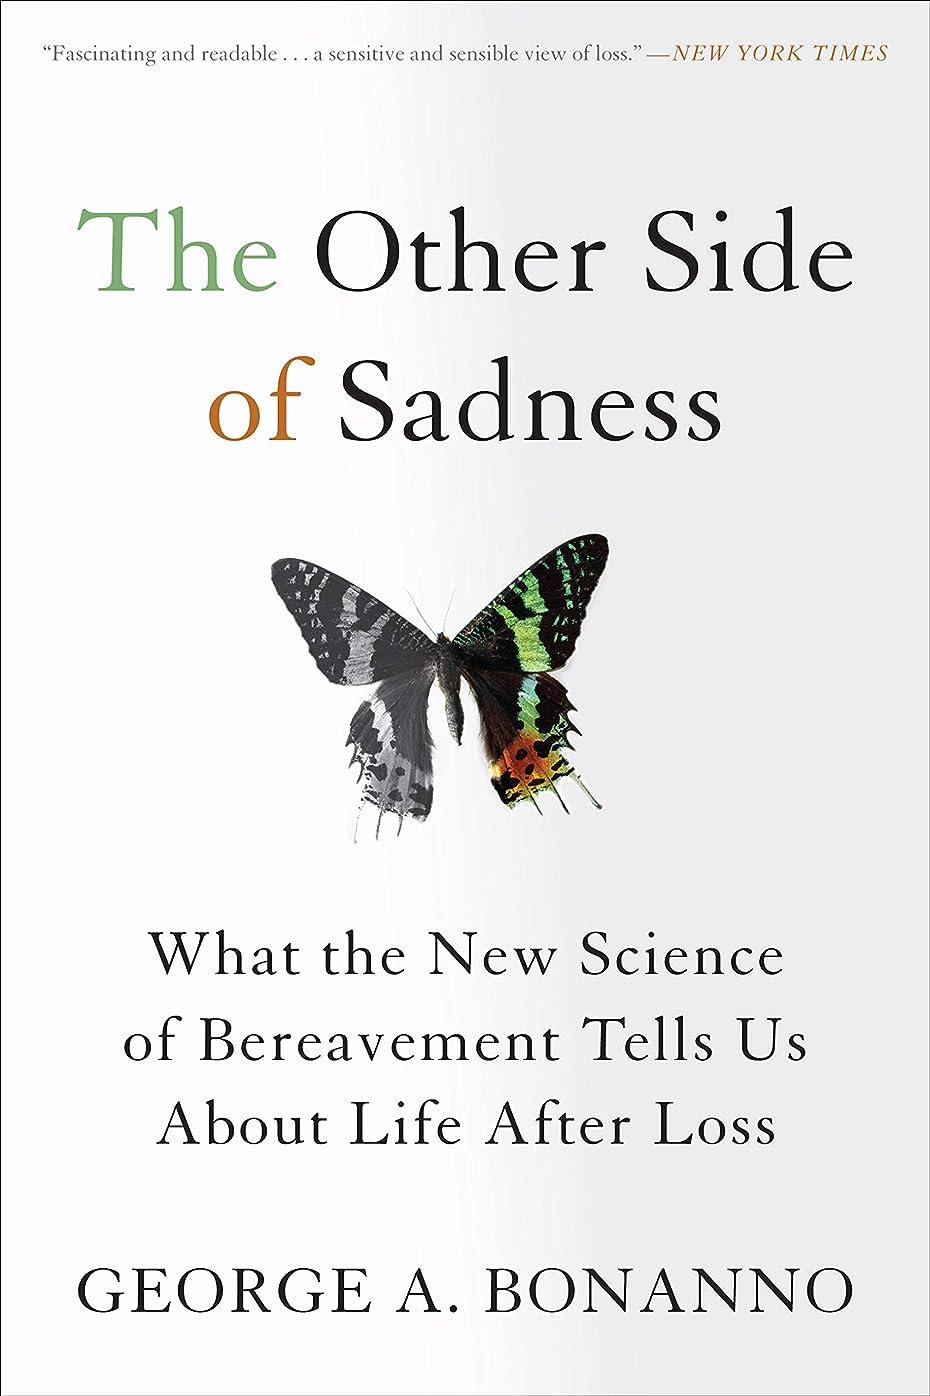 検閲流行している請負業者The Other Side of Sadness: What the New Science of Bereavement Tells Us About Life After Loss (English Edition)